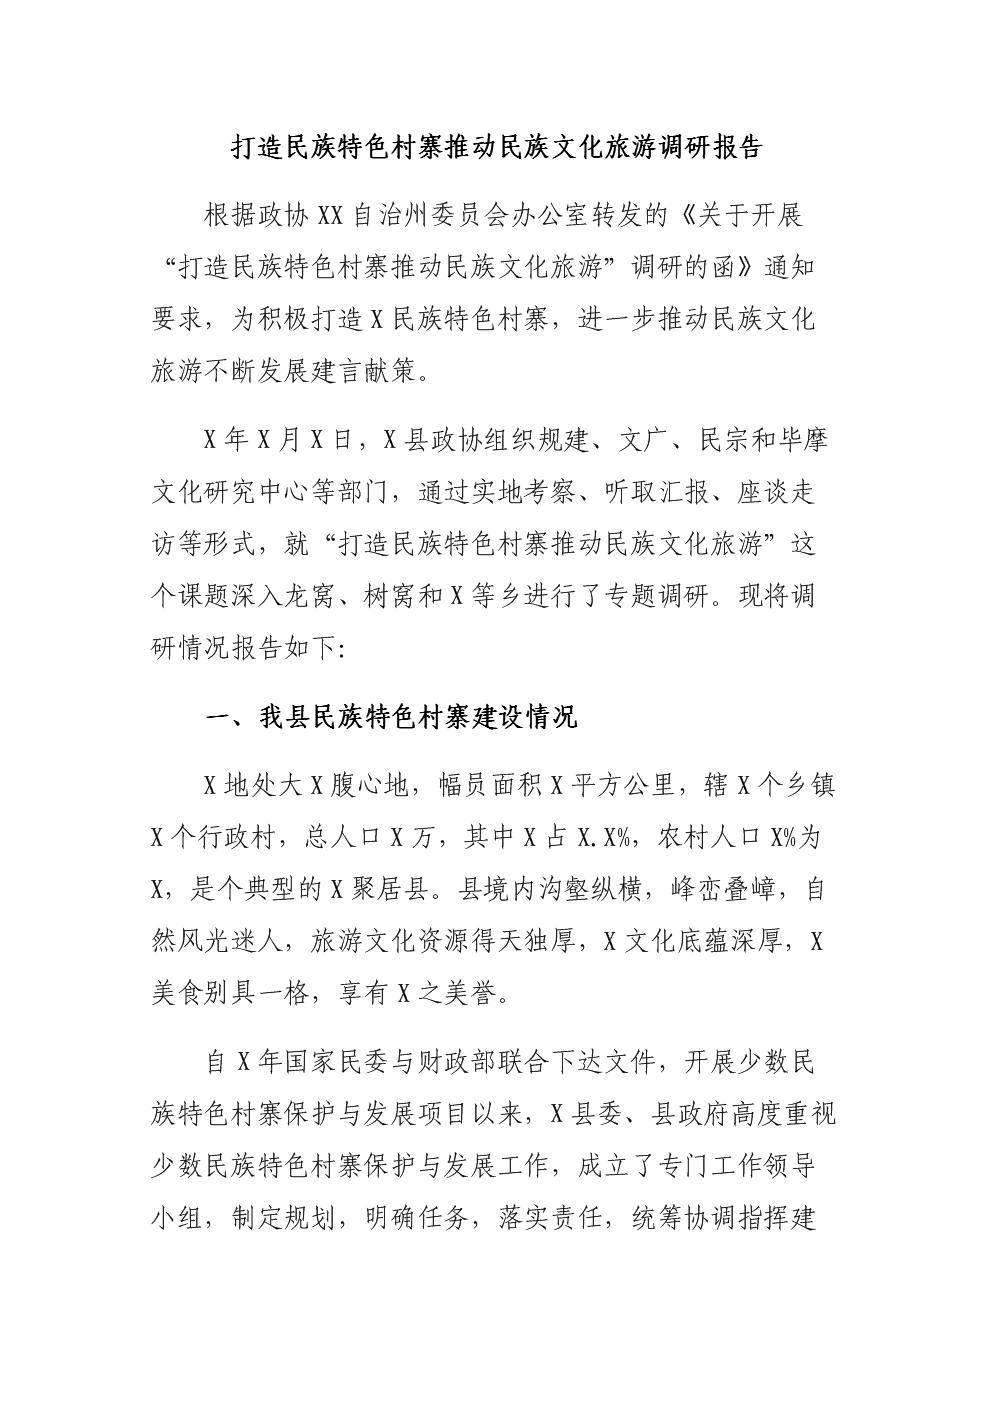 打造民族特色村寨推动民族文化旅游调研报告.docx